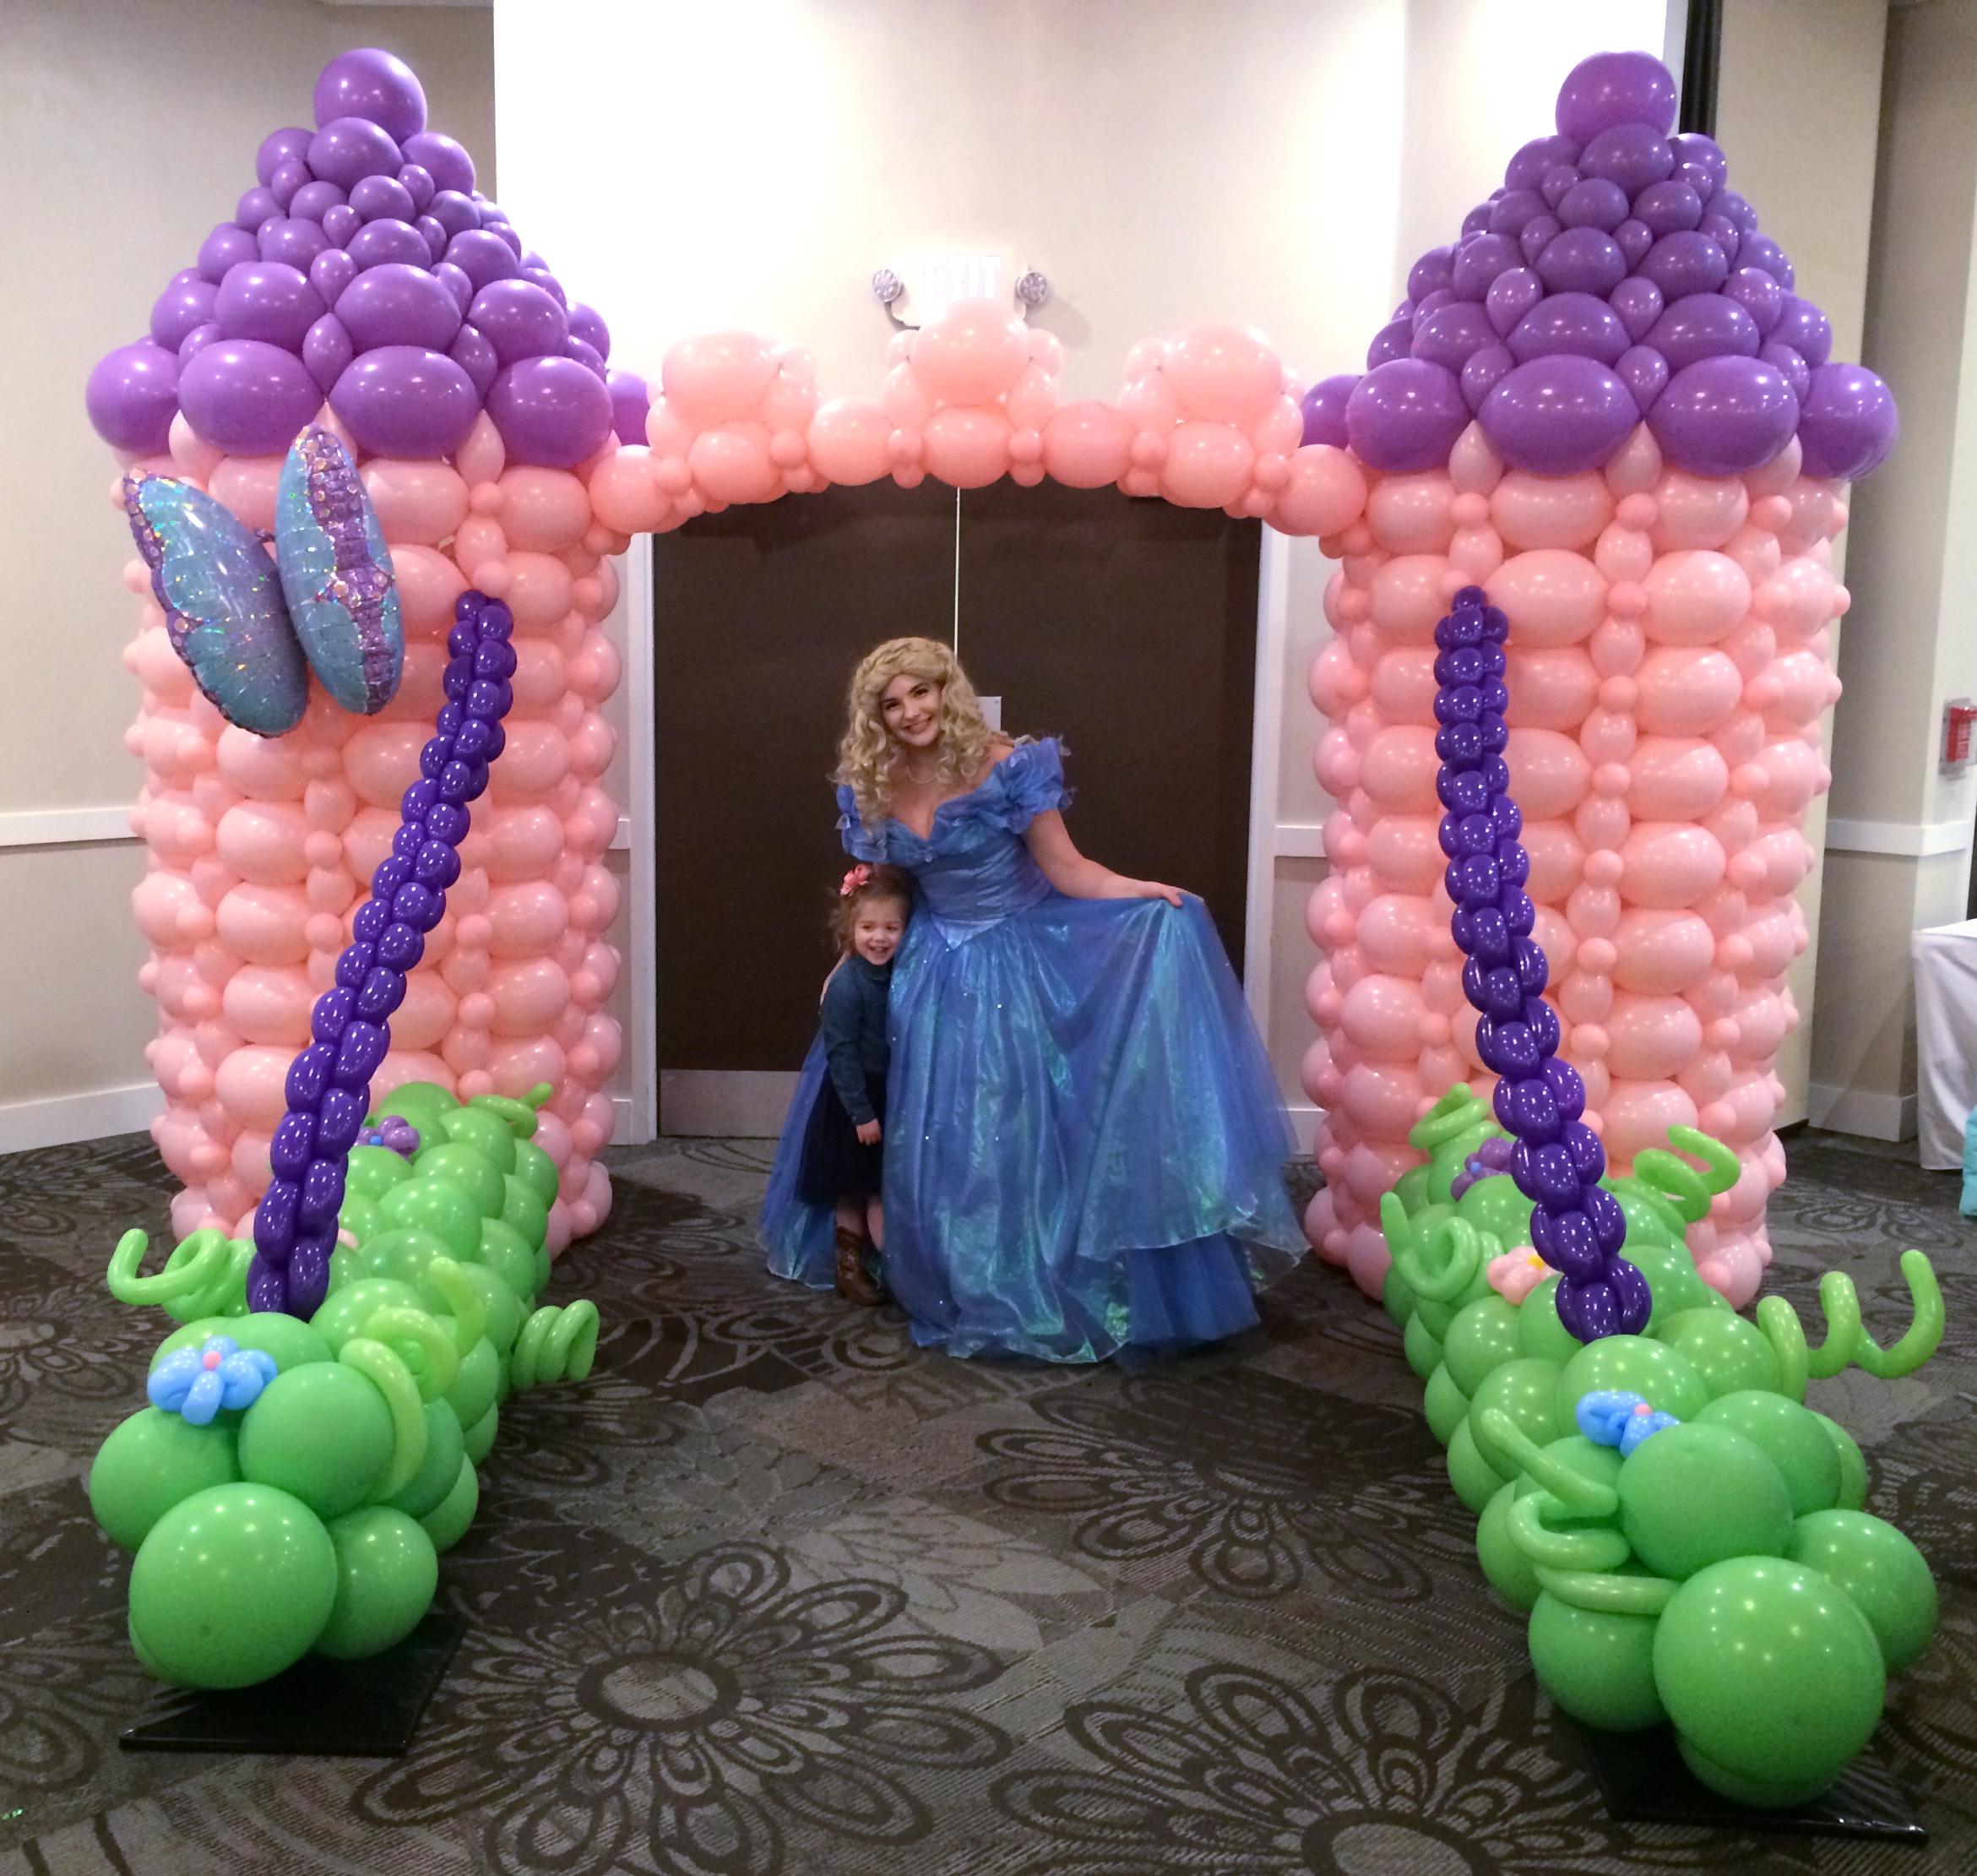 Princess Castle Balloon Sculpture